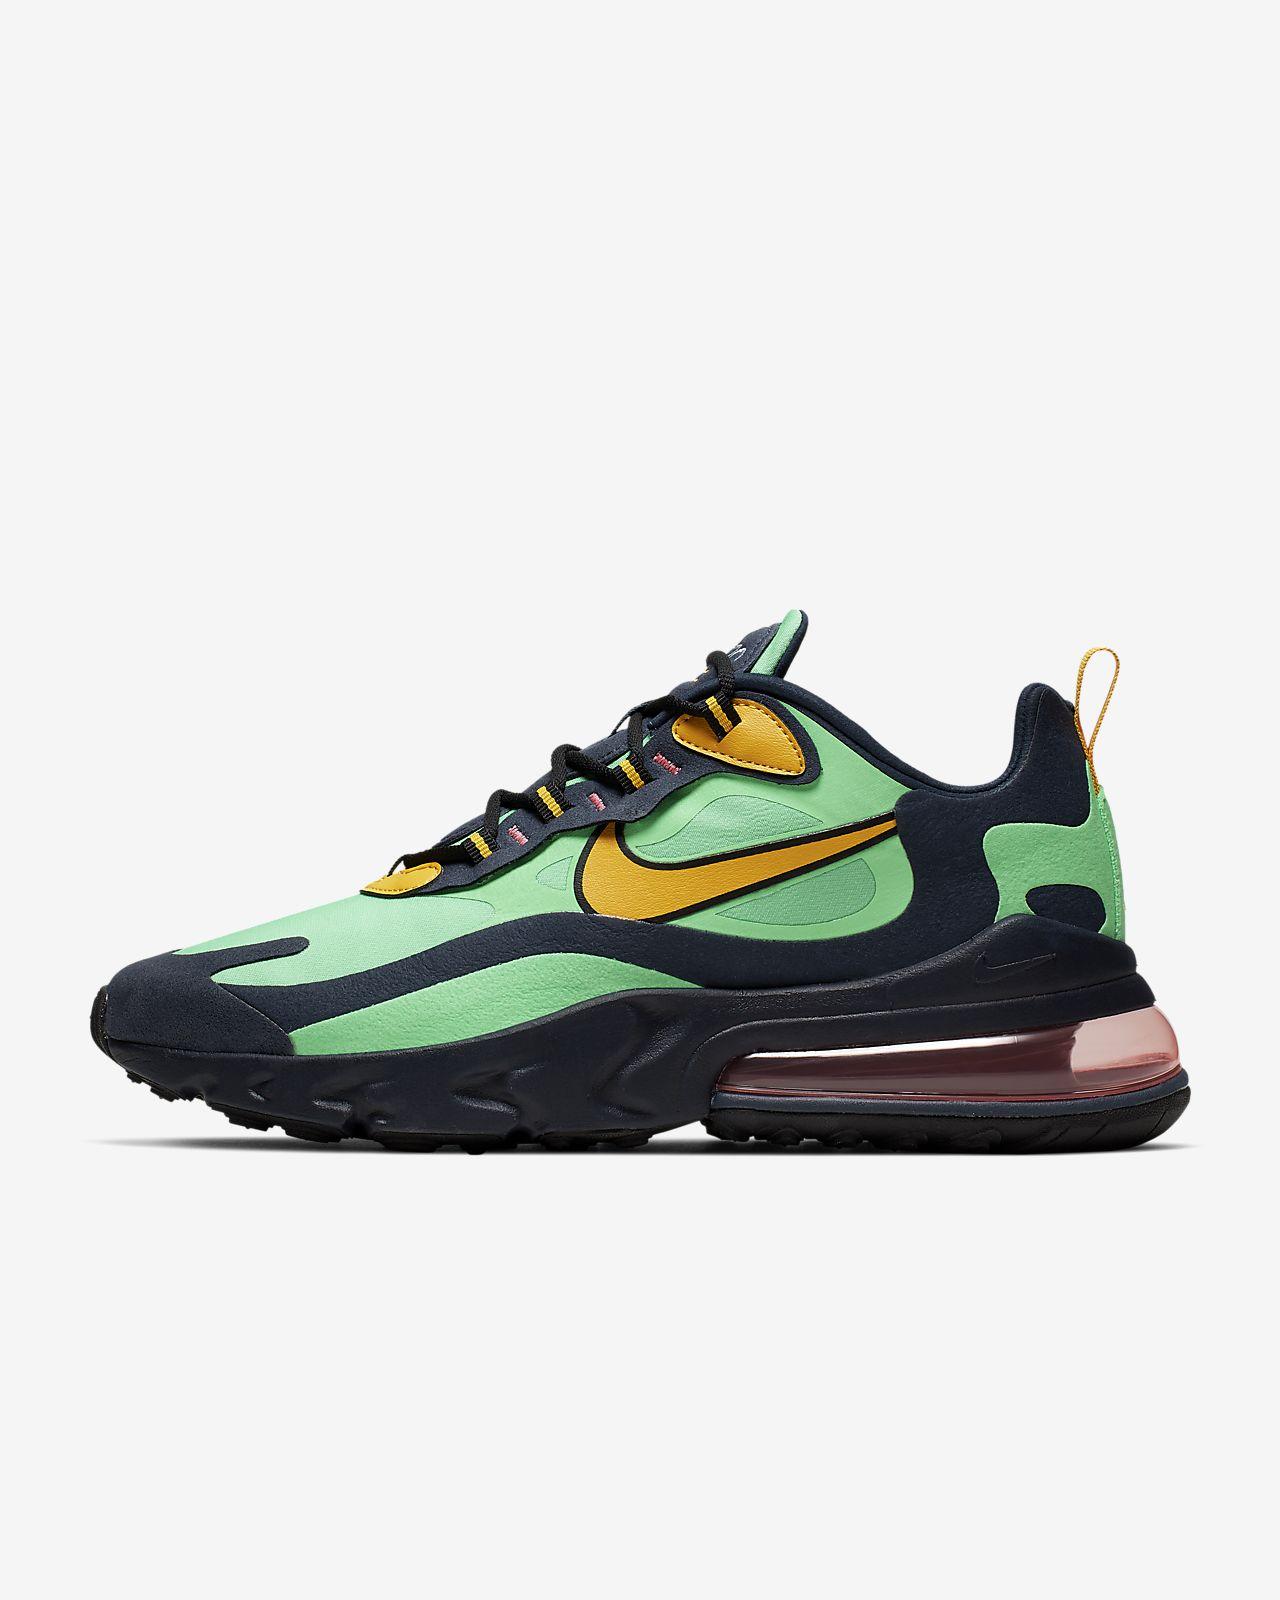 รองเท้าผู้ชาย Nike Air Max 270 React (Pop Art)